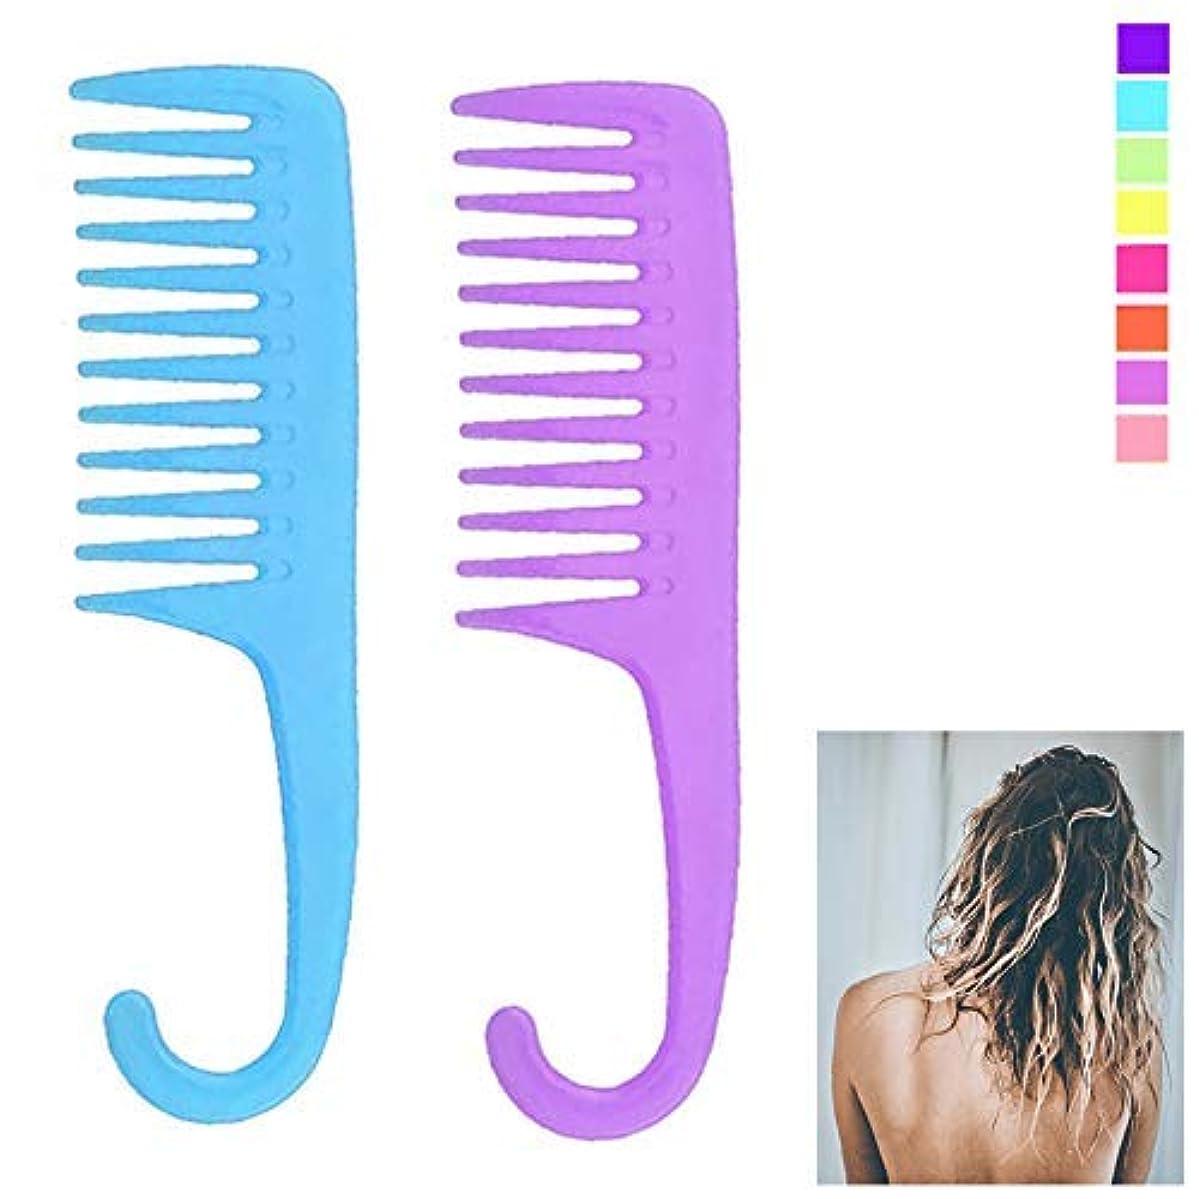 の慈悲で上に築きますビバ2 Shower Combs Hair Wide Tooth Dry Wet Gently Detangles Thick Long Durable Salon [並行輸入品]